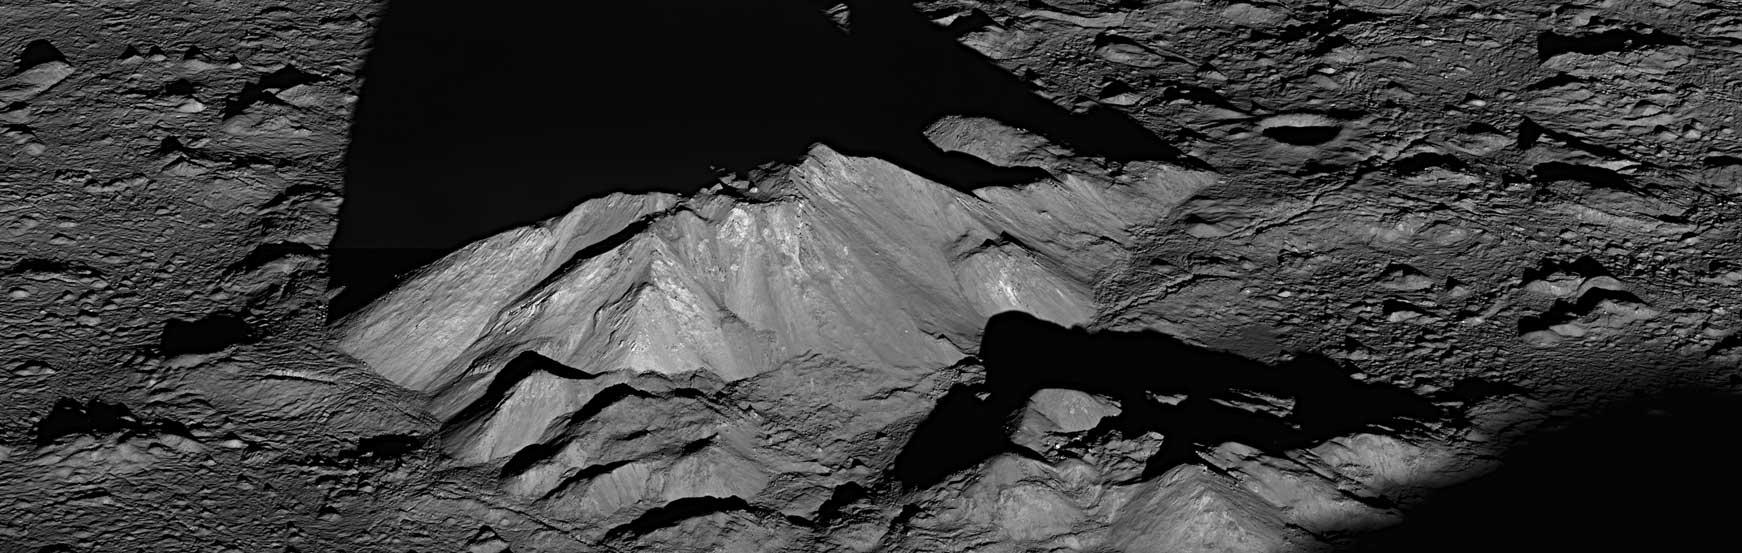 Background: LRO Mountains